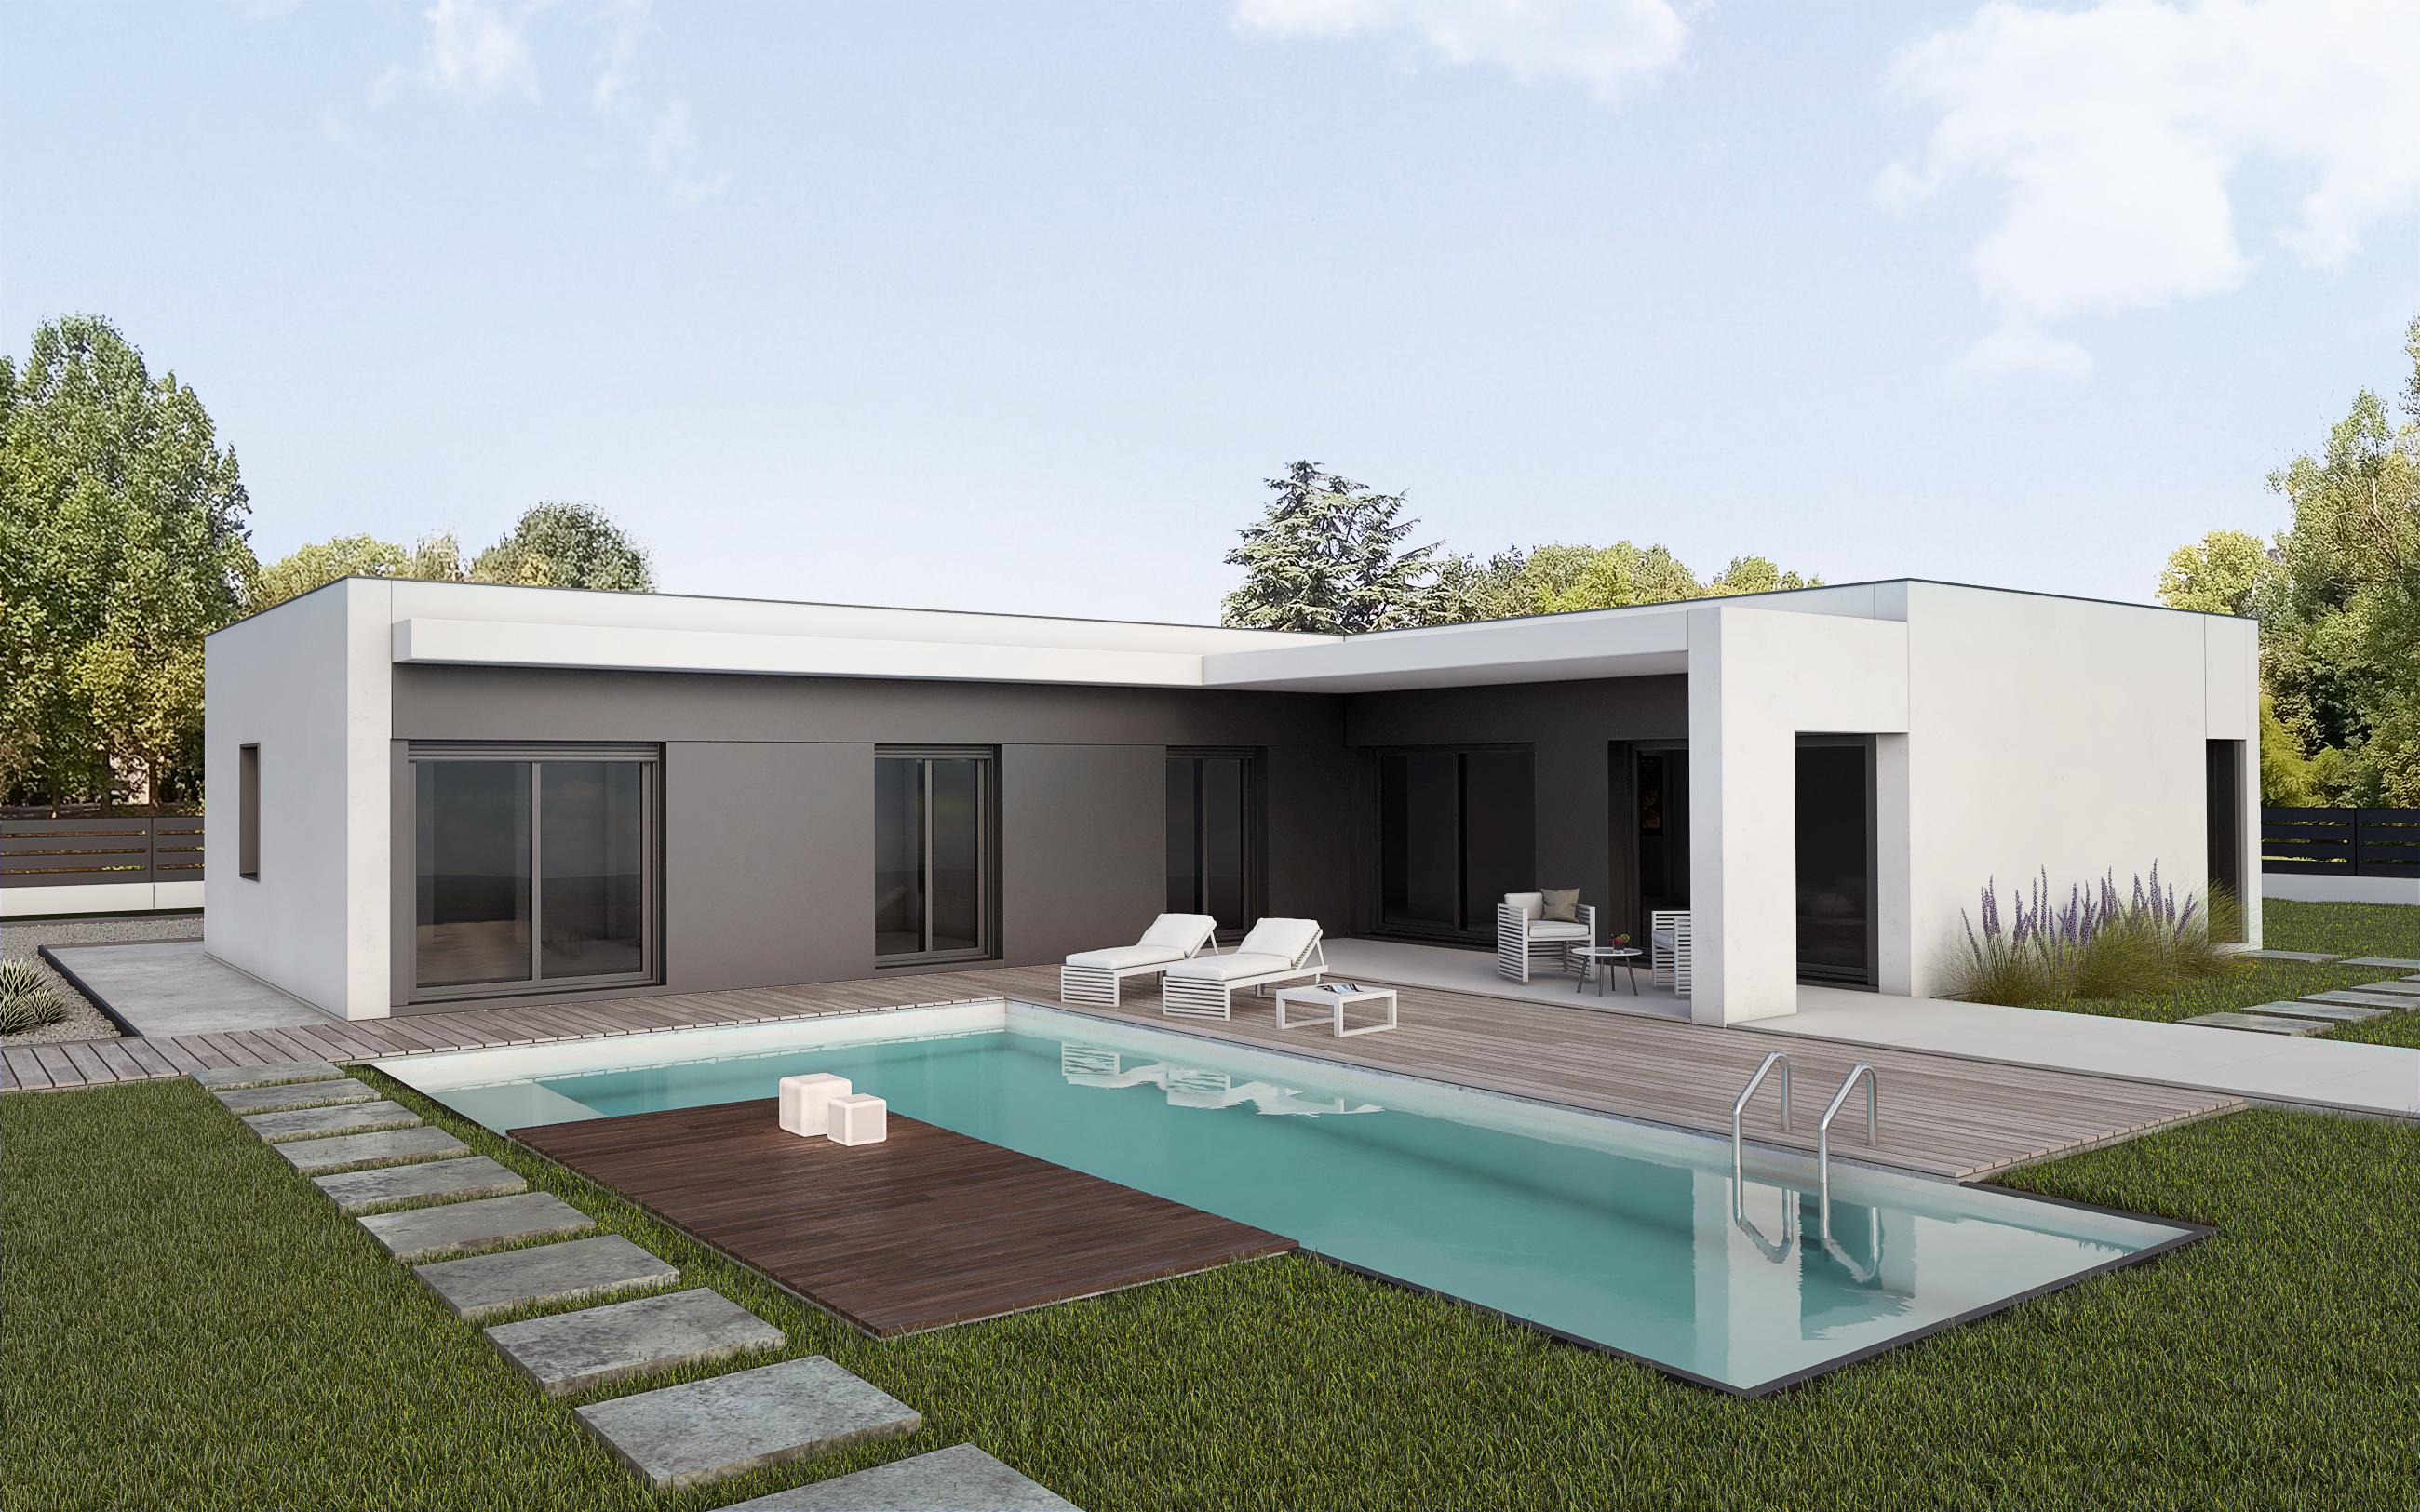 Casas Prefabricadas Cual Es La Mejor Inmobiliaria Inmuebles